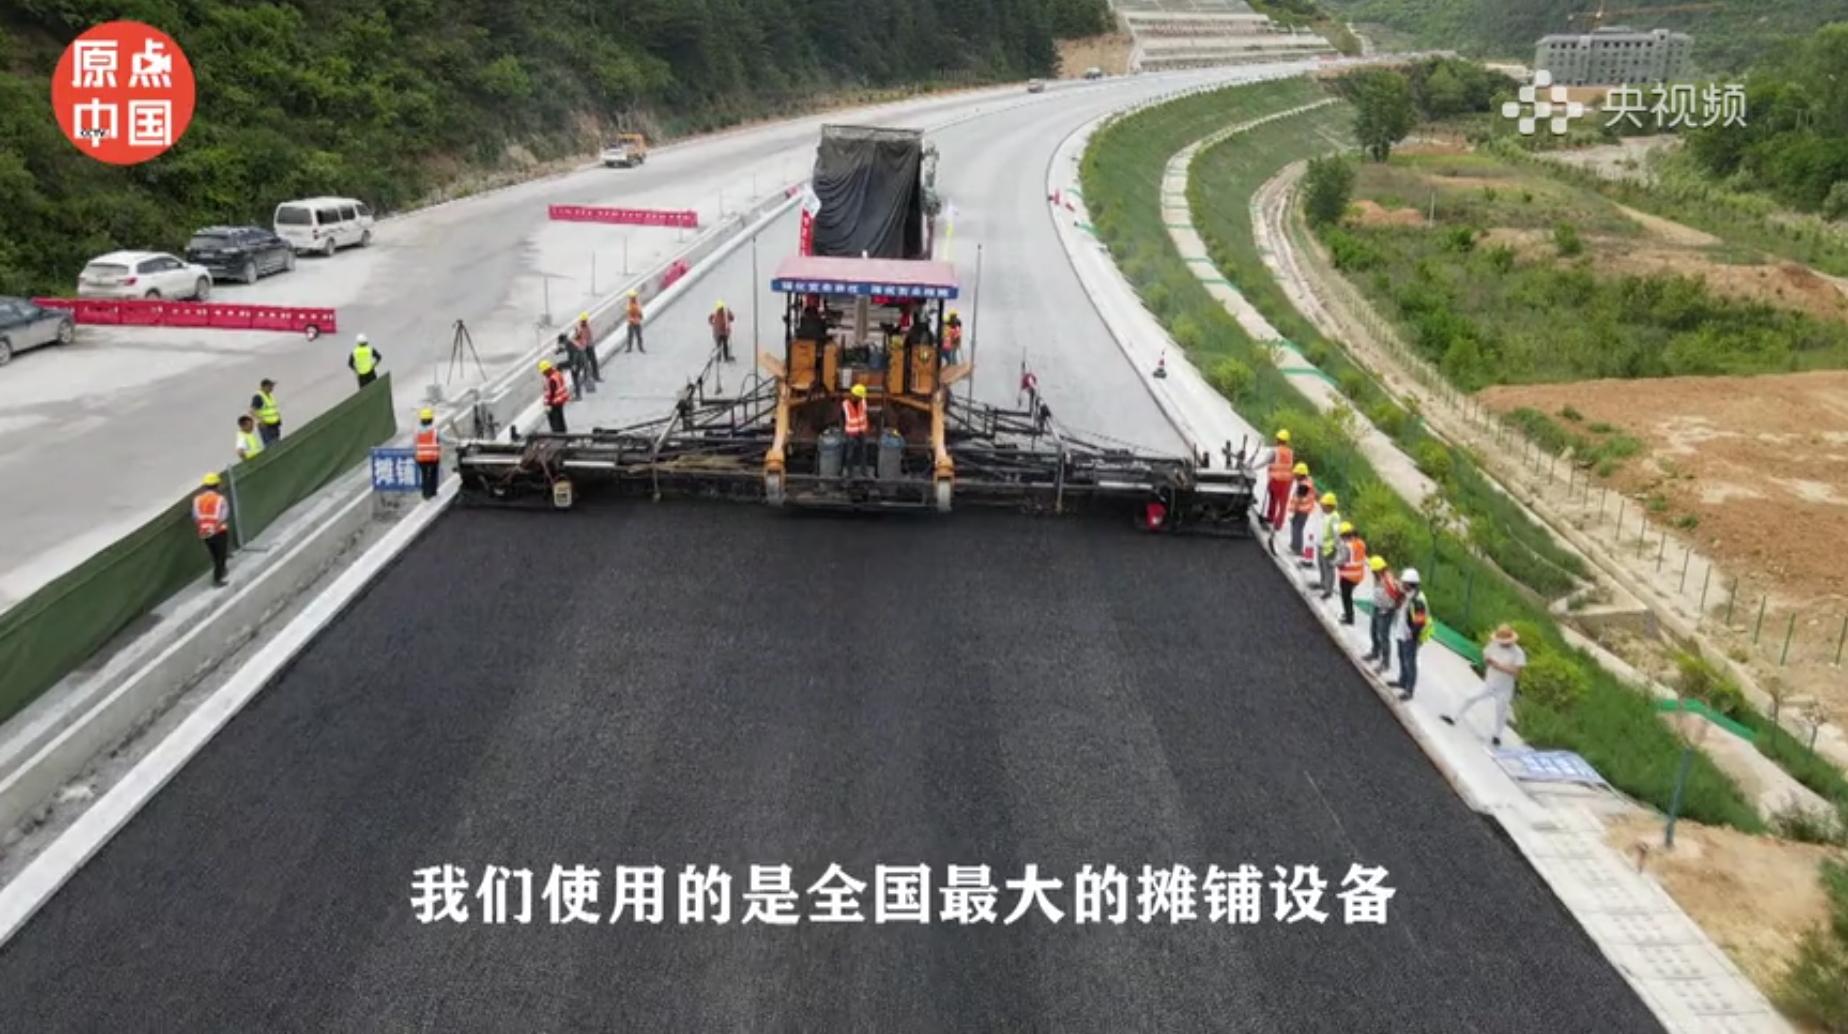 【央视频】 宝坪高速公路黑色路面施工正式拉开序幕